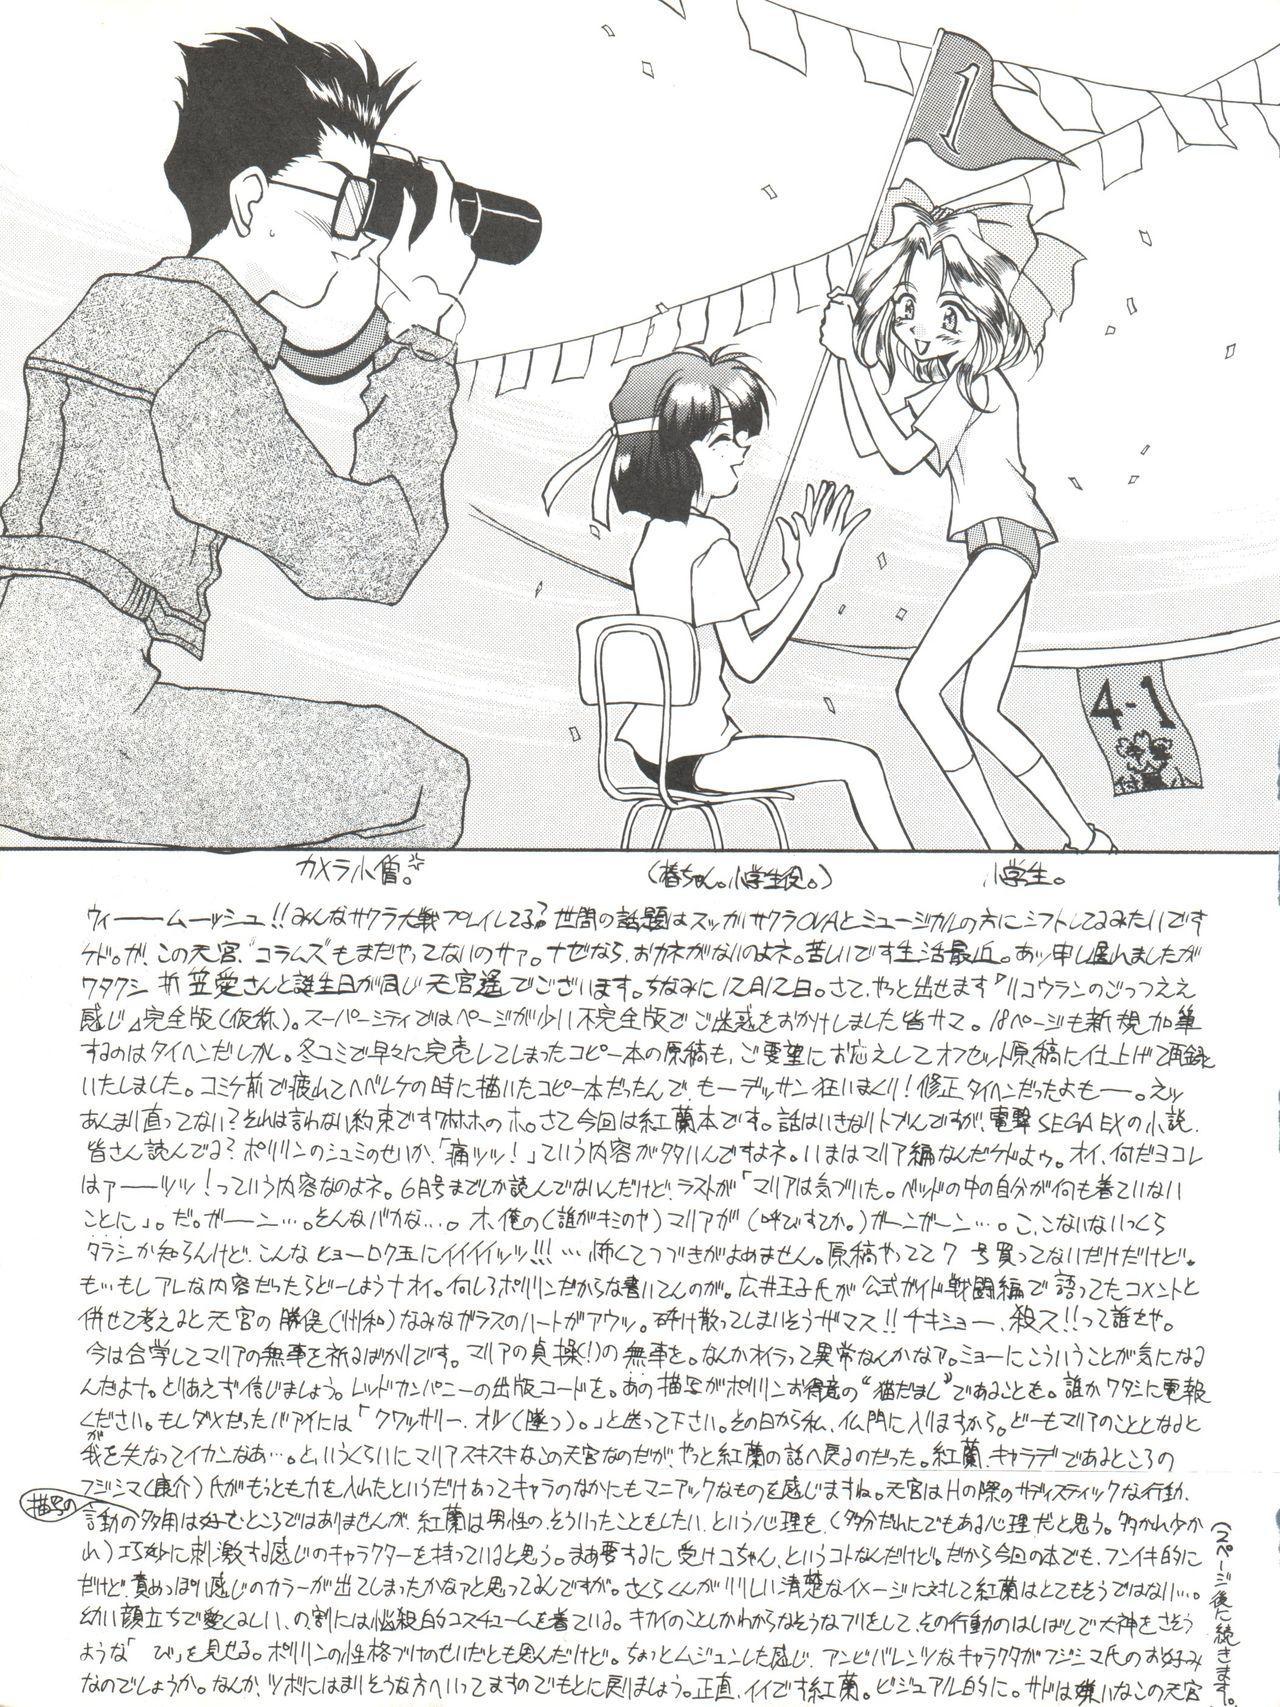 Li Kohran no Gottsuee Kanji 5